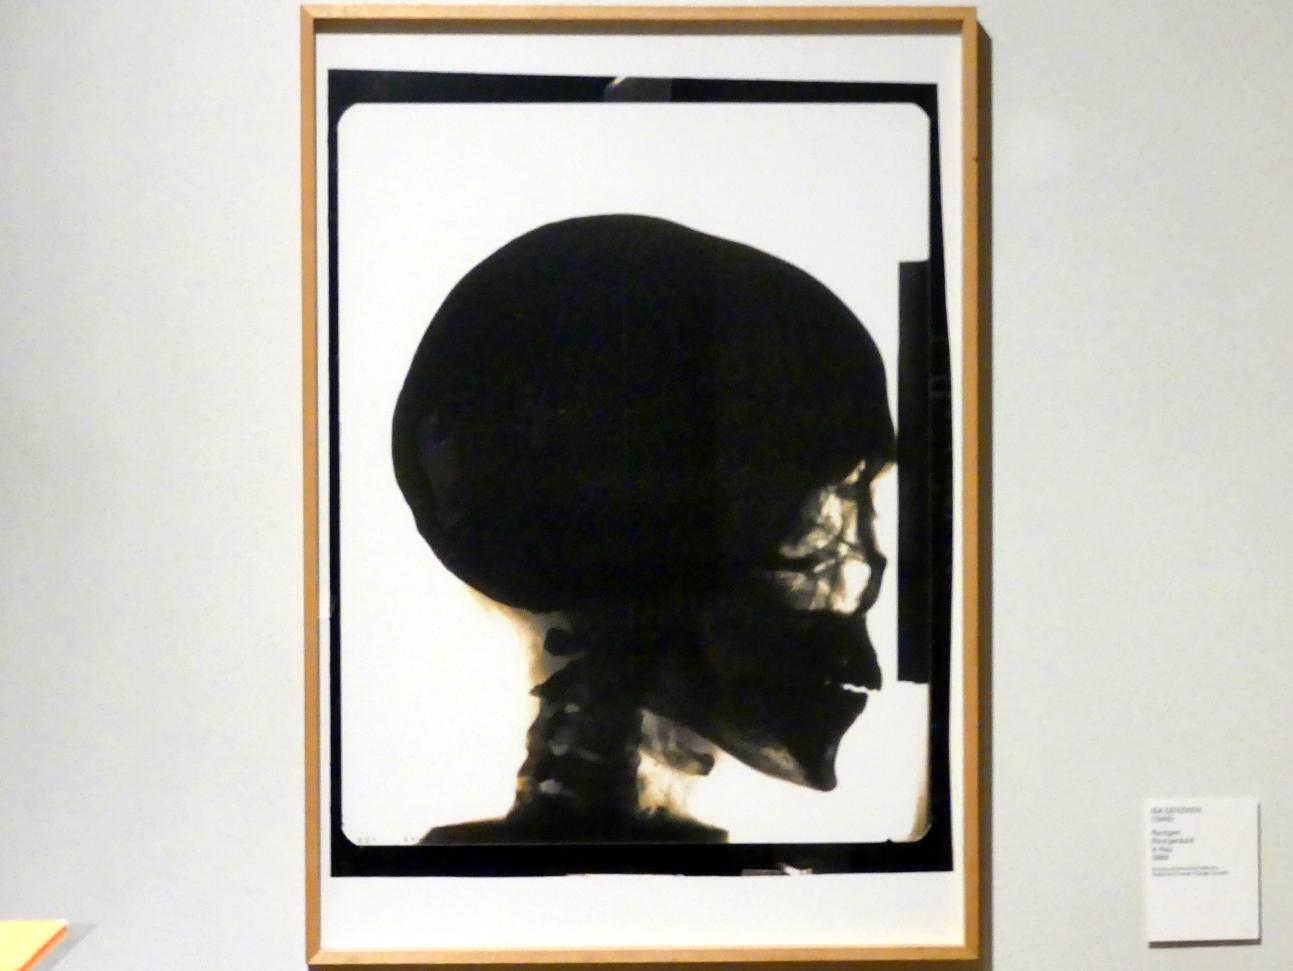 Isa Genzken: Röntgenbild, 1989